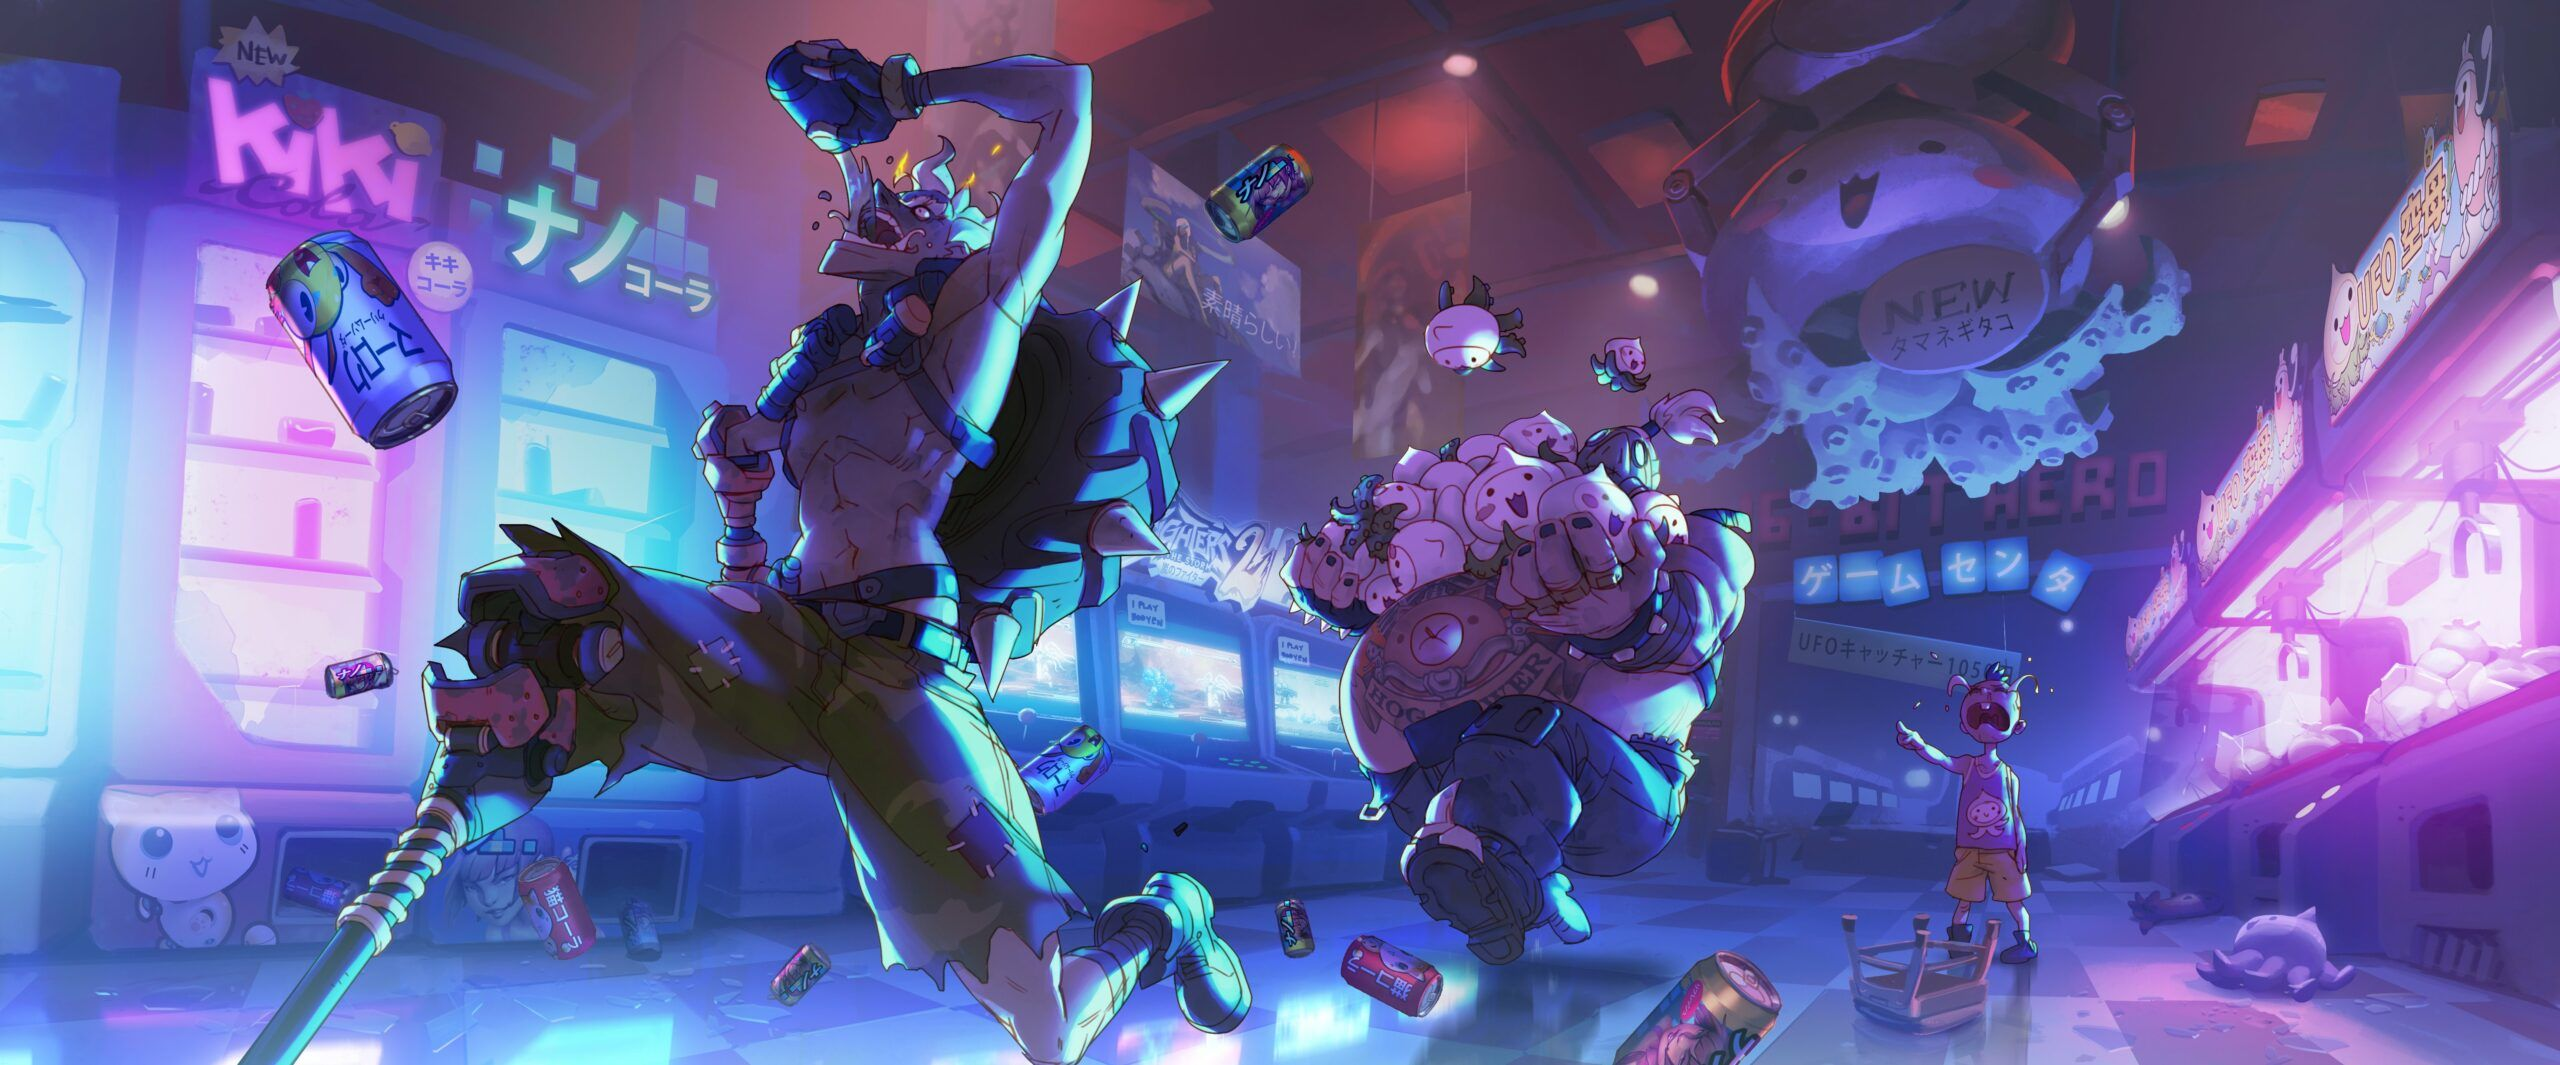 Overwatch Desktop Wallpaper In 2020 Overwatch Wallpapers Overwatch Junkrat And Roadhog